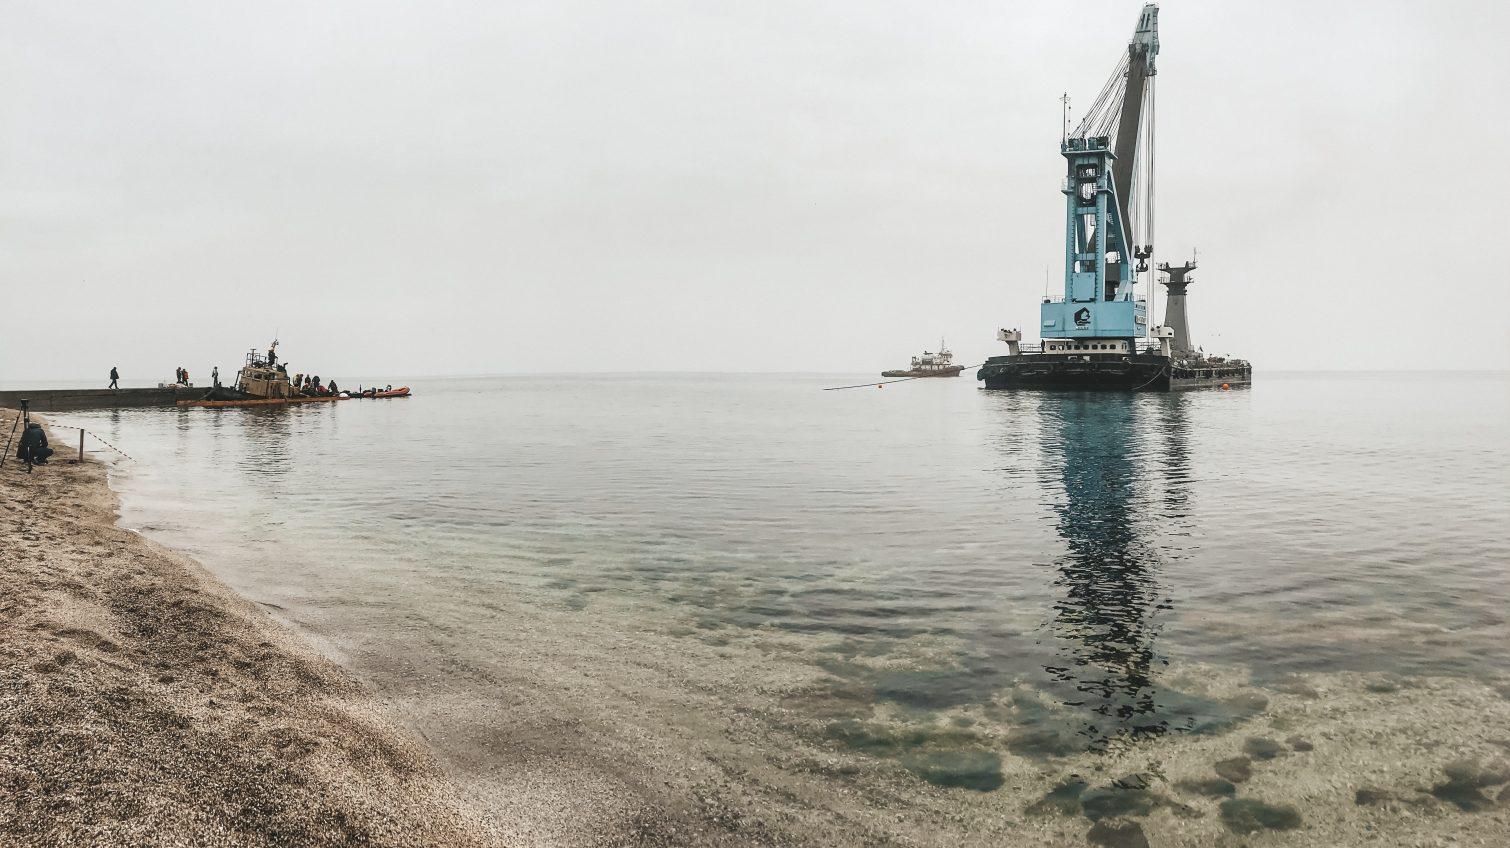 Буксир «Парралель» начали оттаскивать с пляжа «Дельфин»: его уберут в течение суток (фото, видео) ОБНОВЛЕНО «фото»